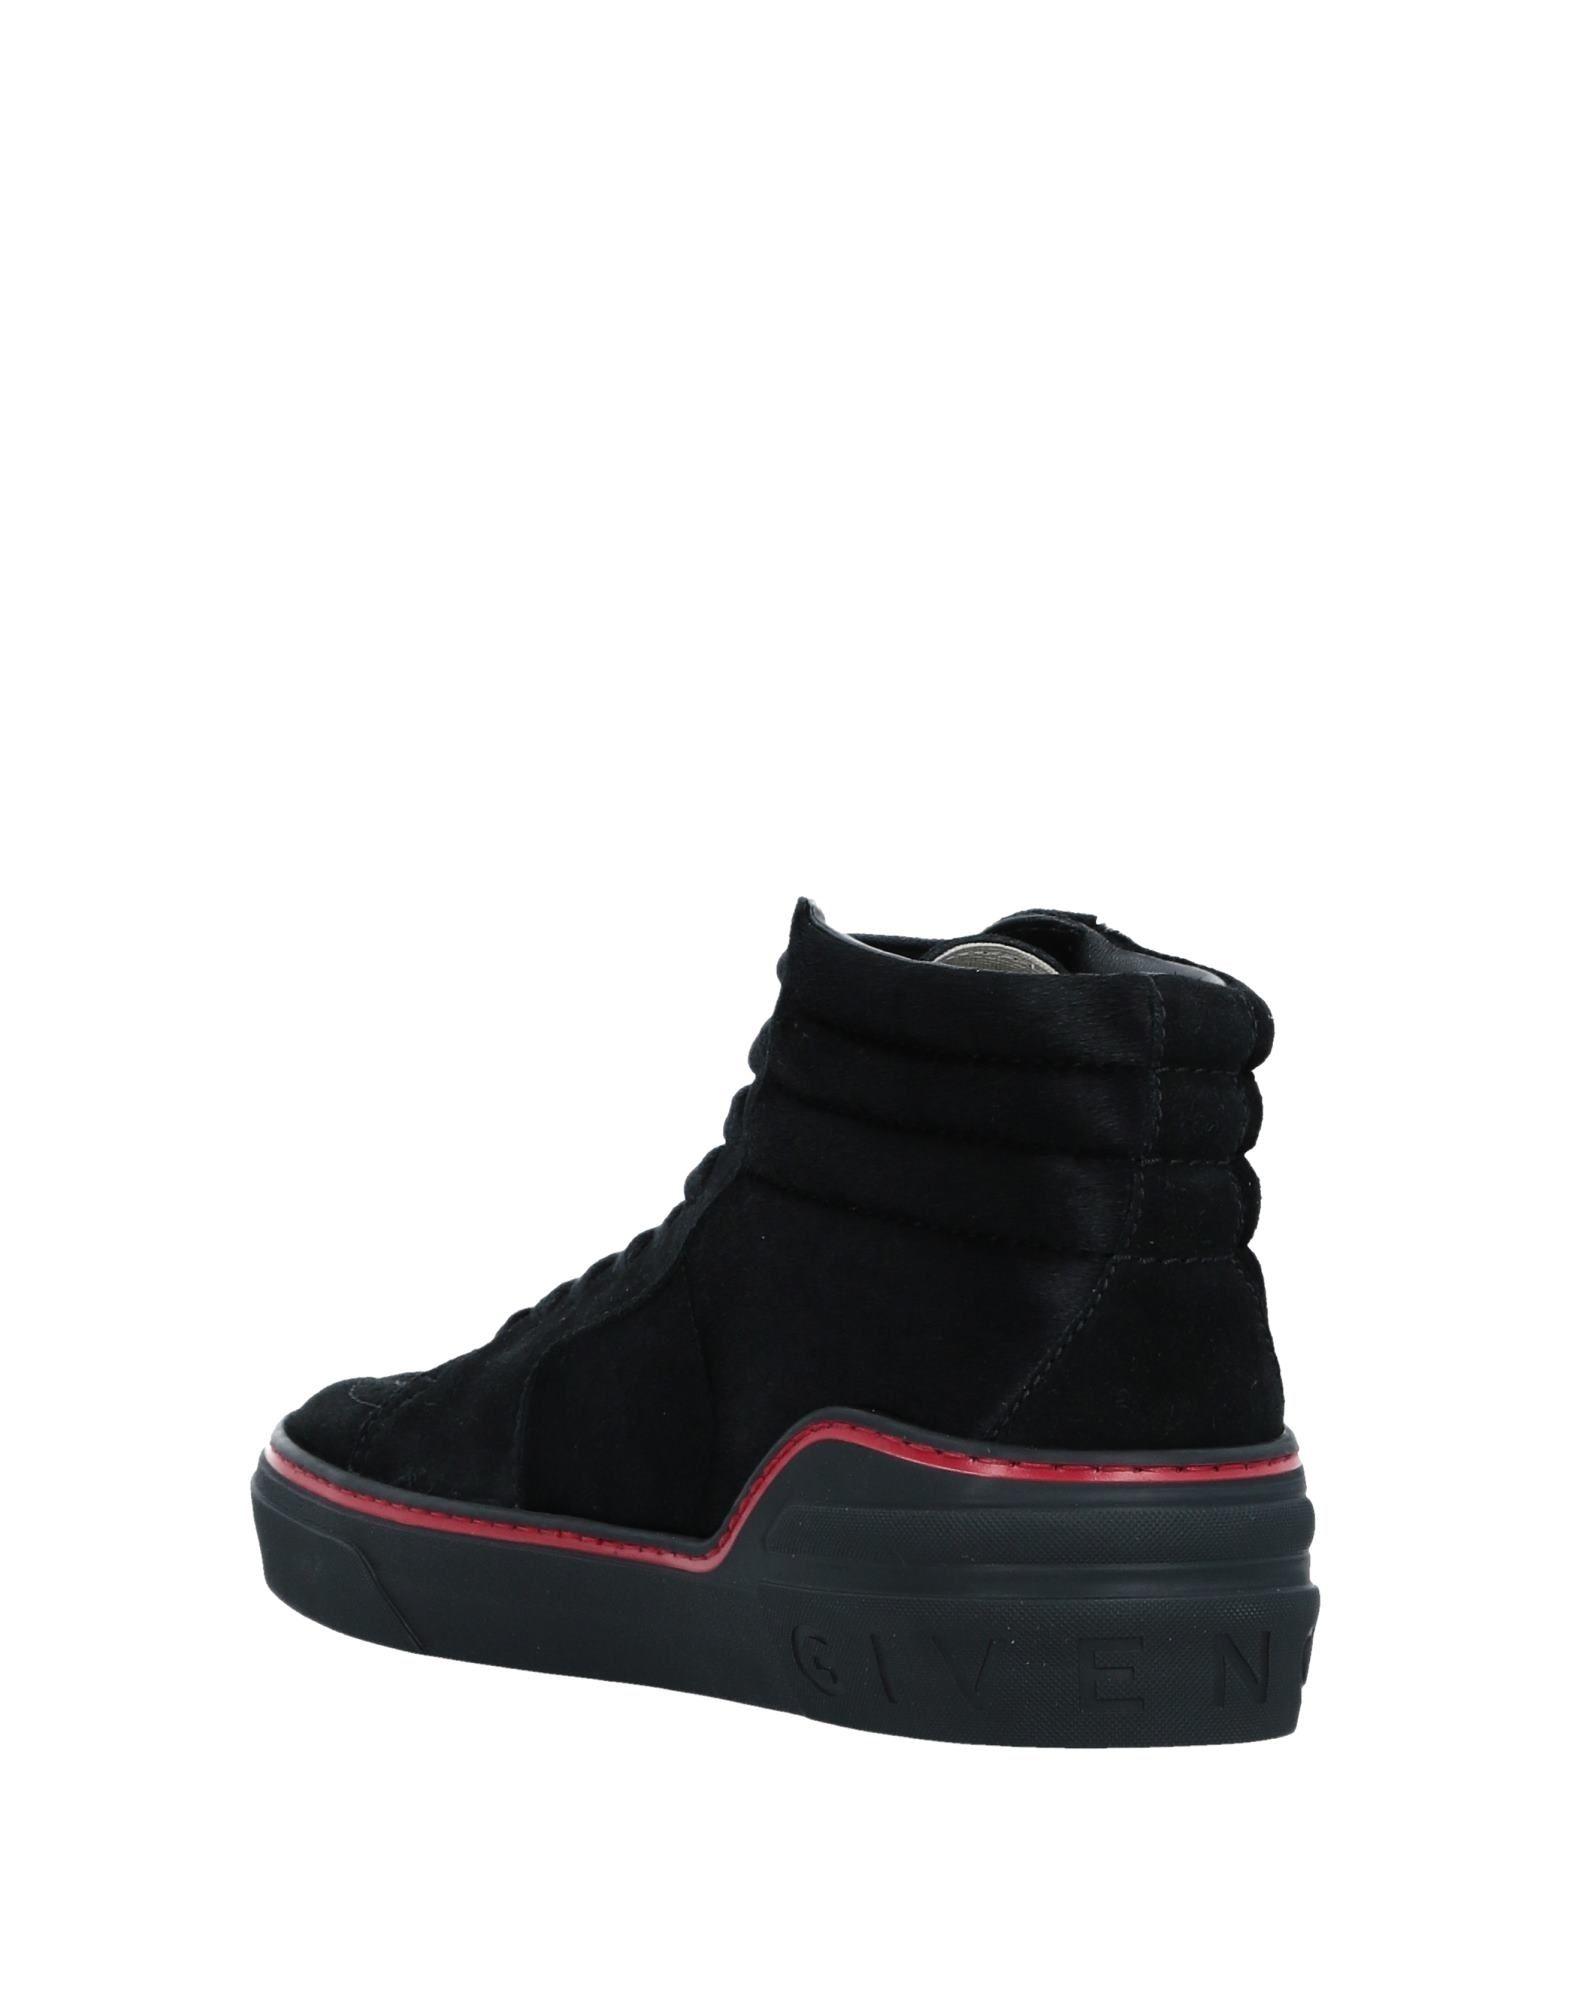 Givenchy Sneakers Herren  11517041EQ Heiße Schuhe 9c9ae2